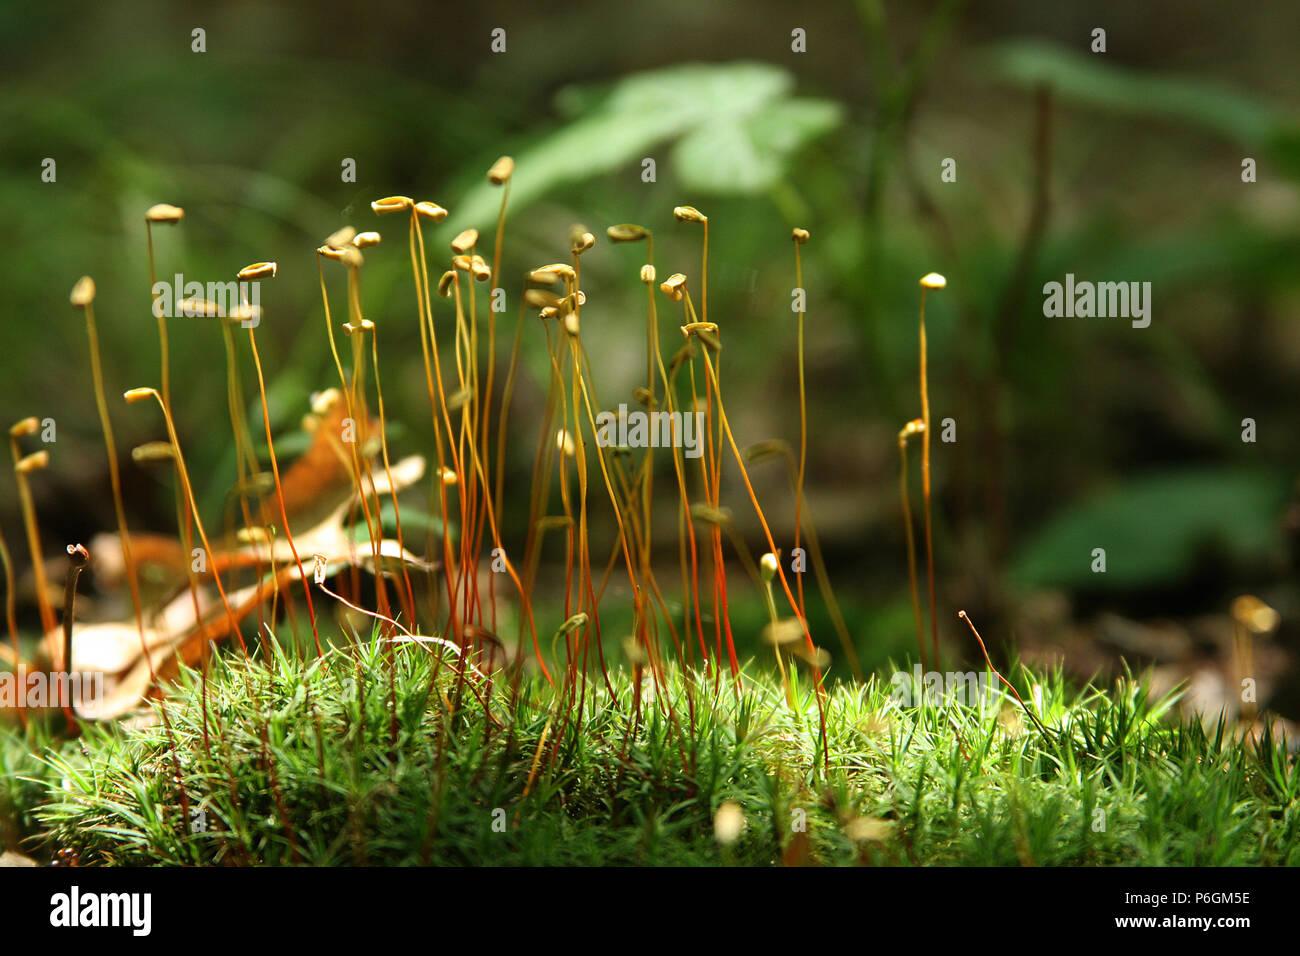 Moss Spores Stock Photos & Moss Spores Stock Images - Alamy